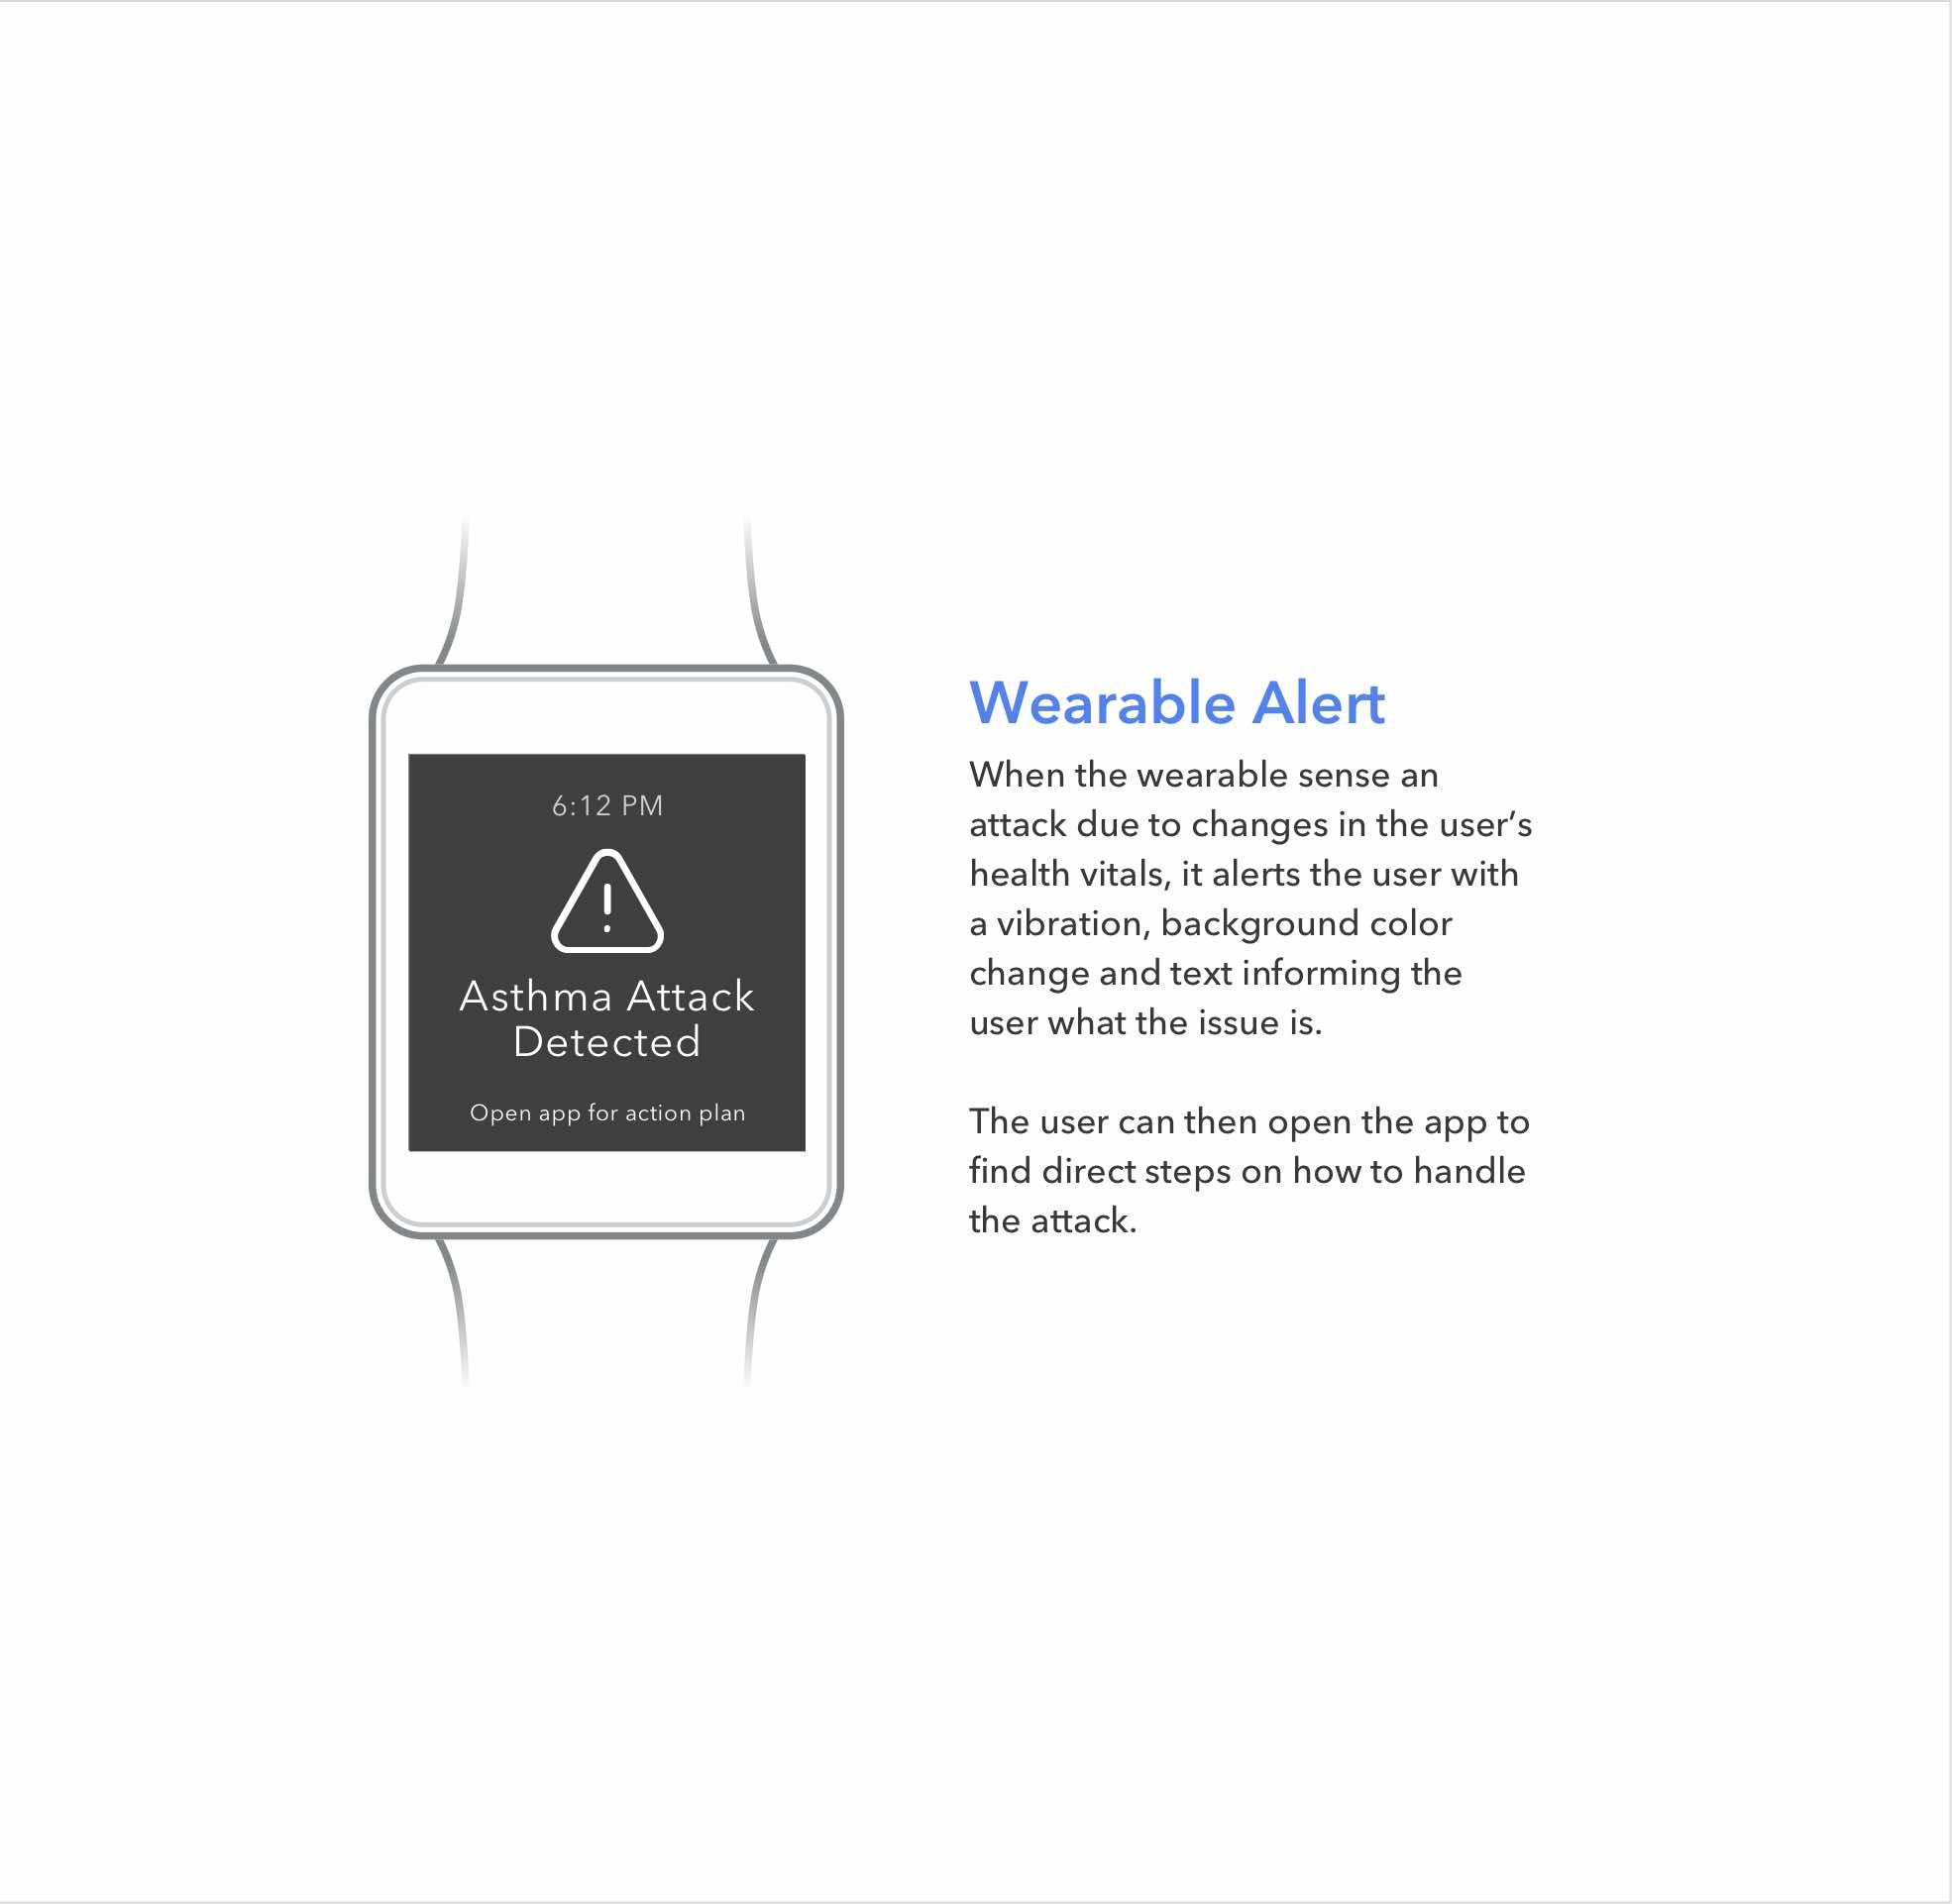 wearable alert